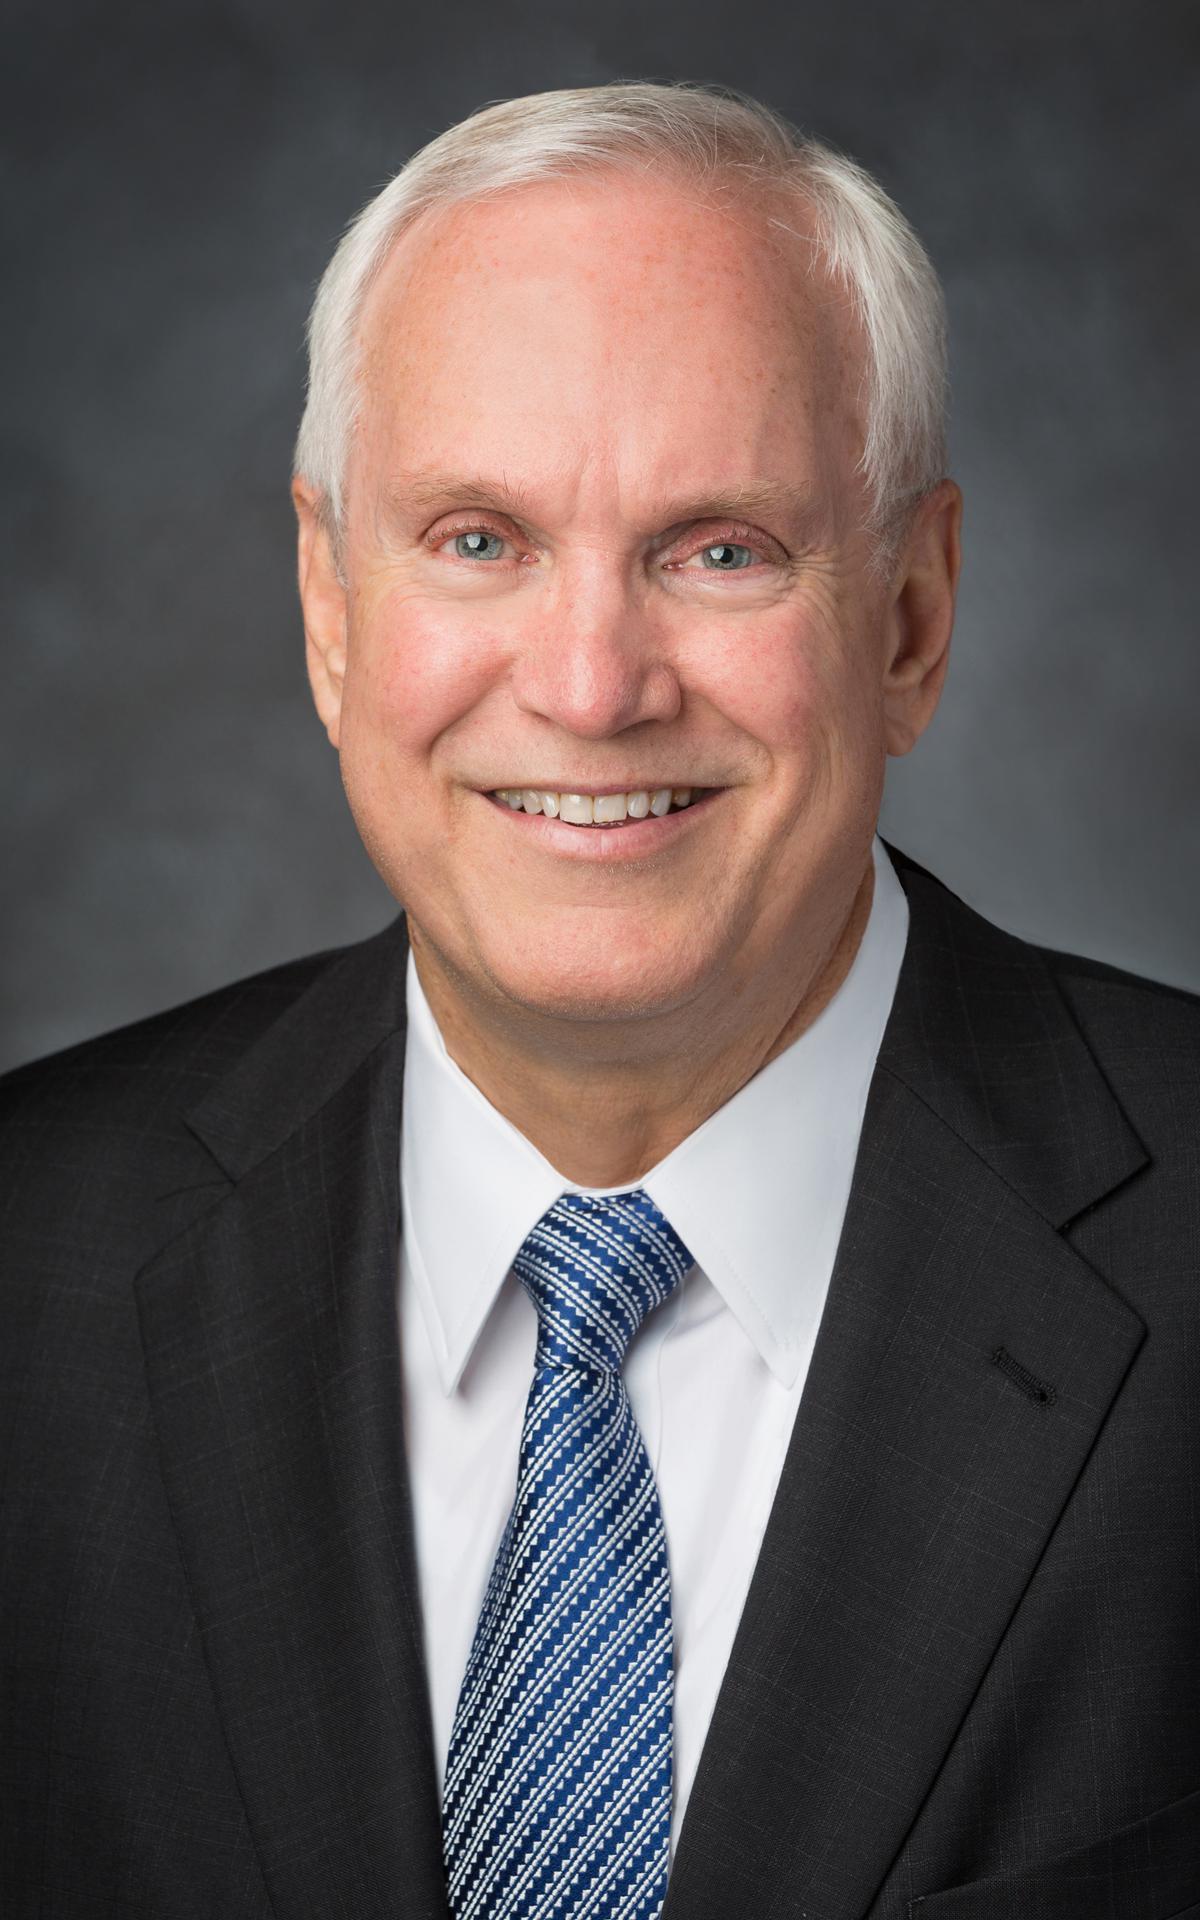 Starješina Robert C. Gay